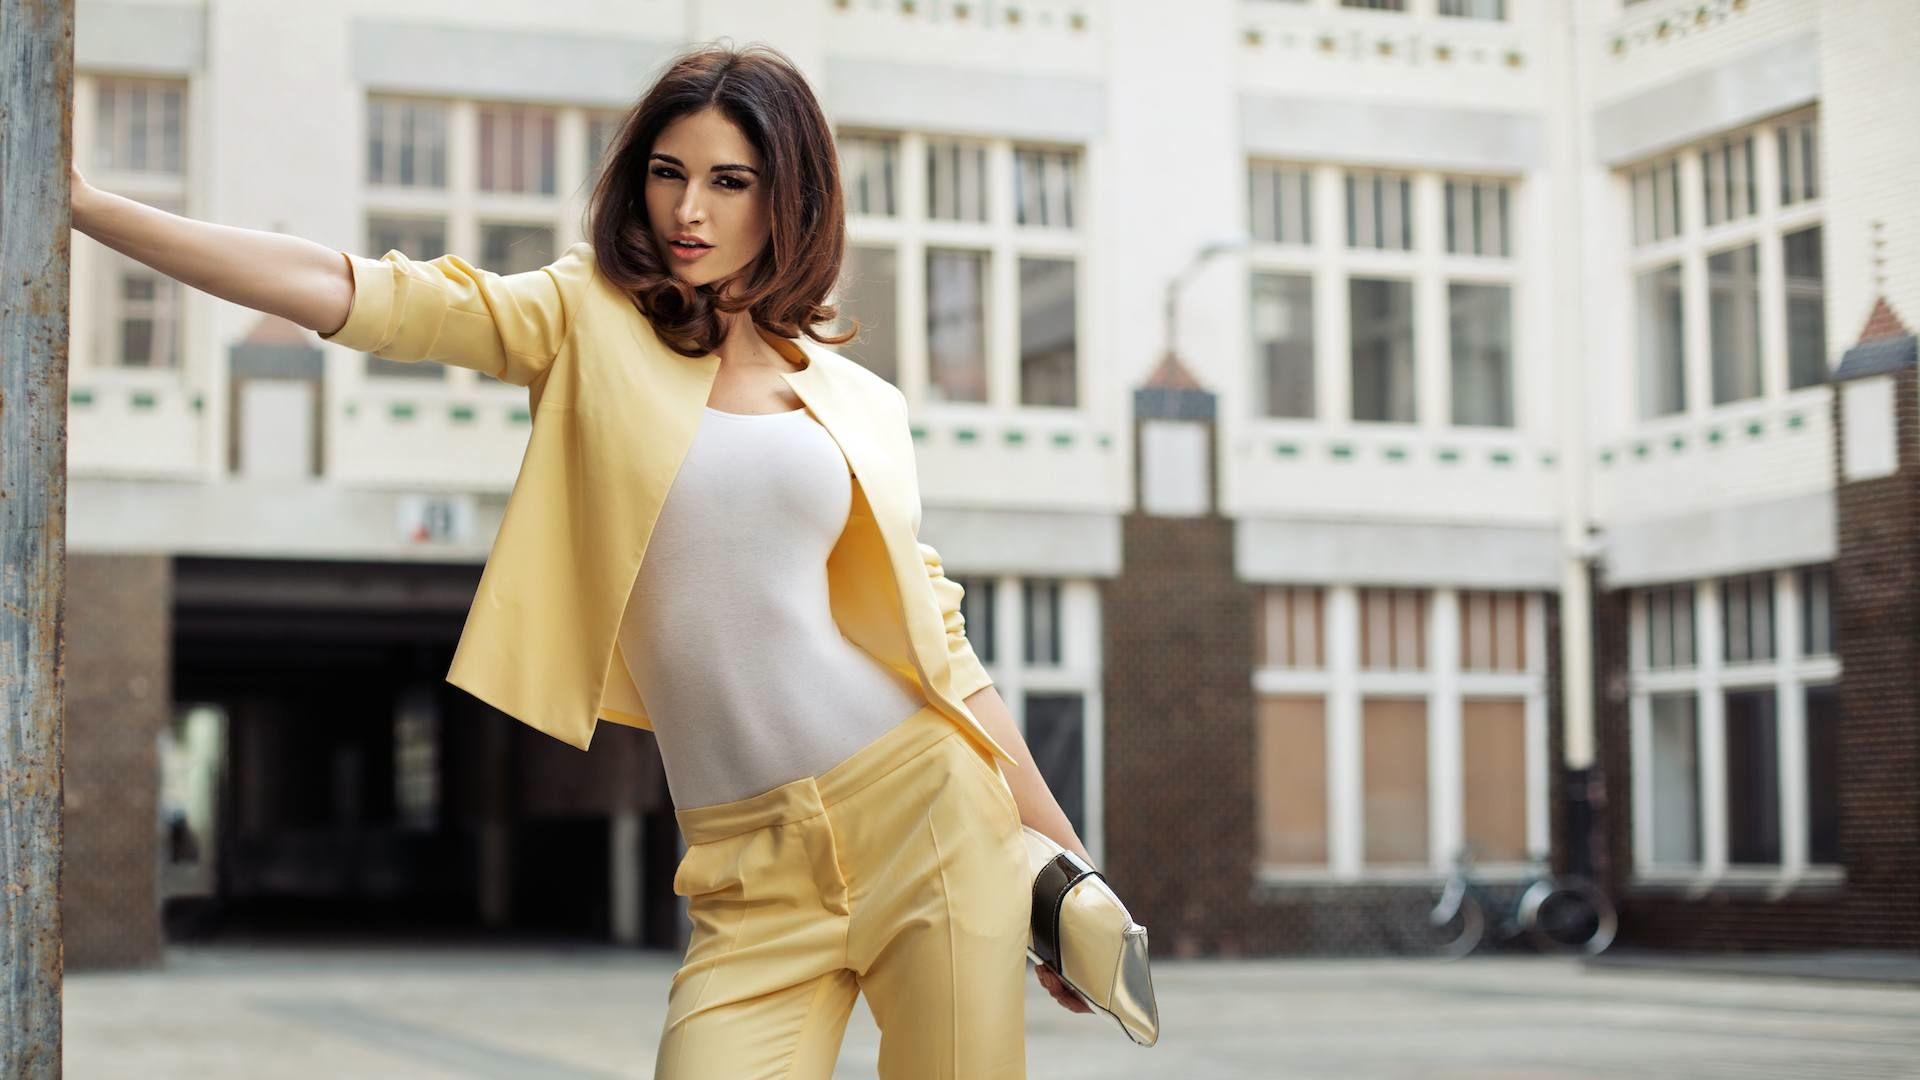 Start nowej marki modowej na polskim rynku moda Fotolia 67969508 Subscription Monthly XXL